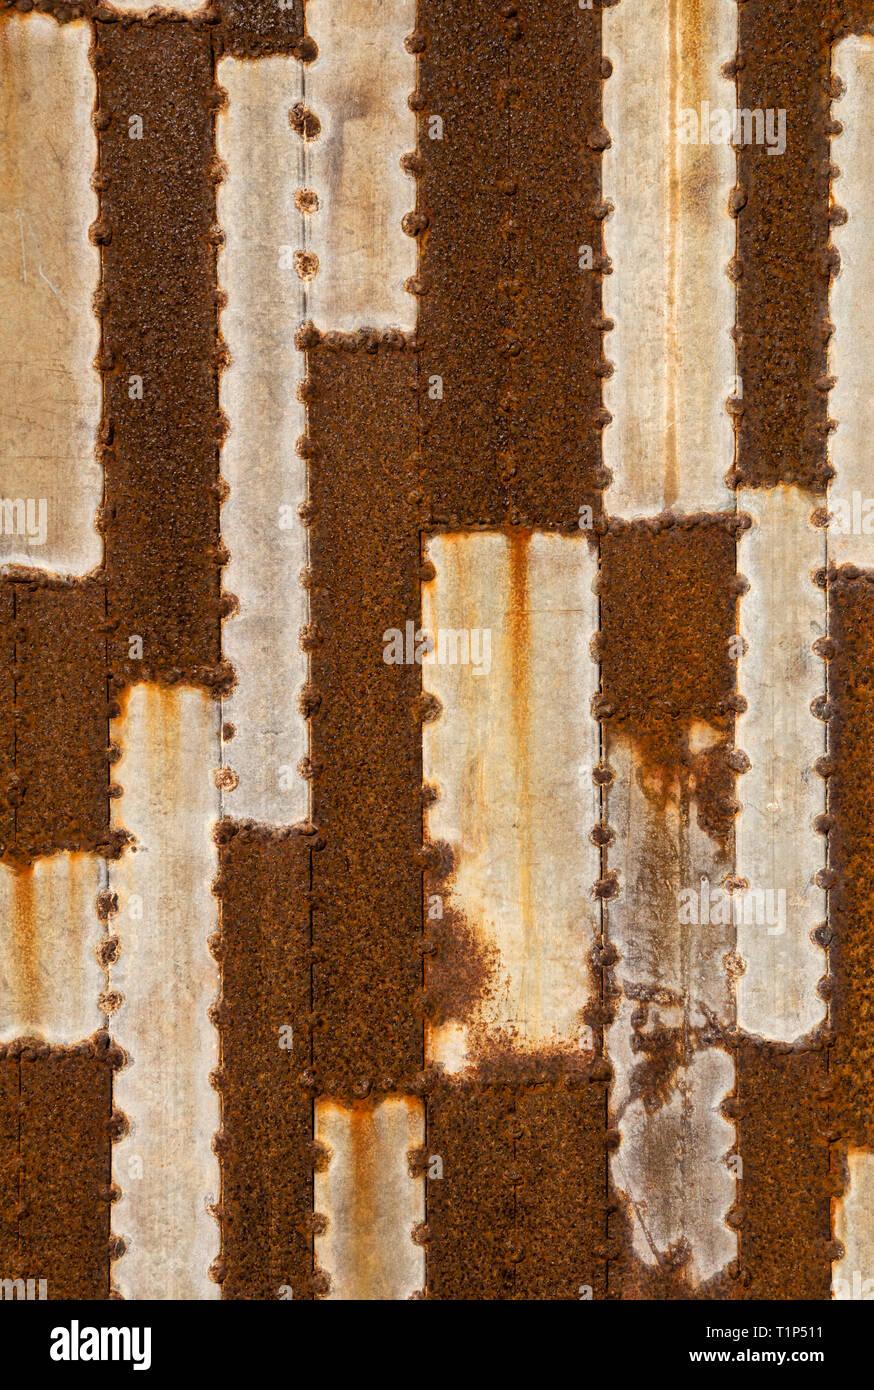 Metalabstracts, Cala bona sea front. - Stock Image